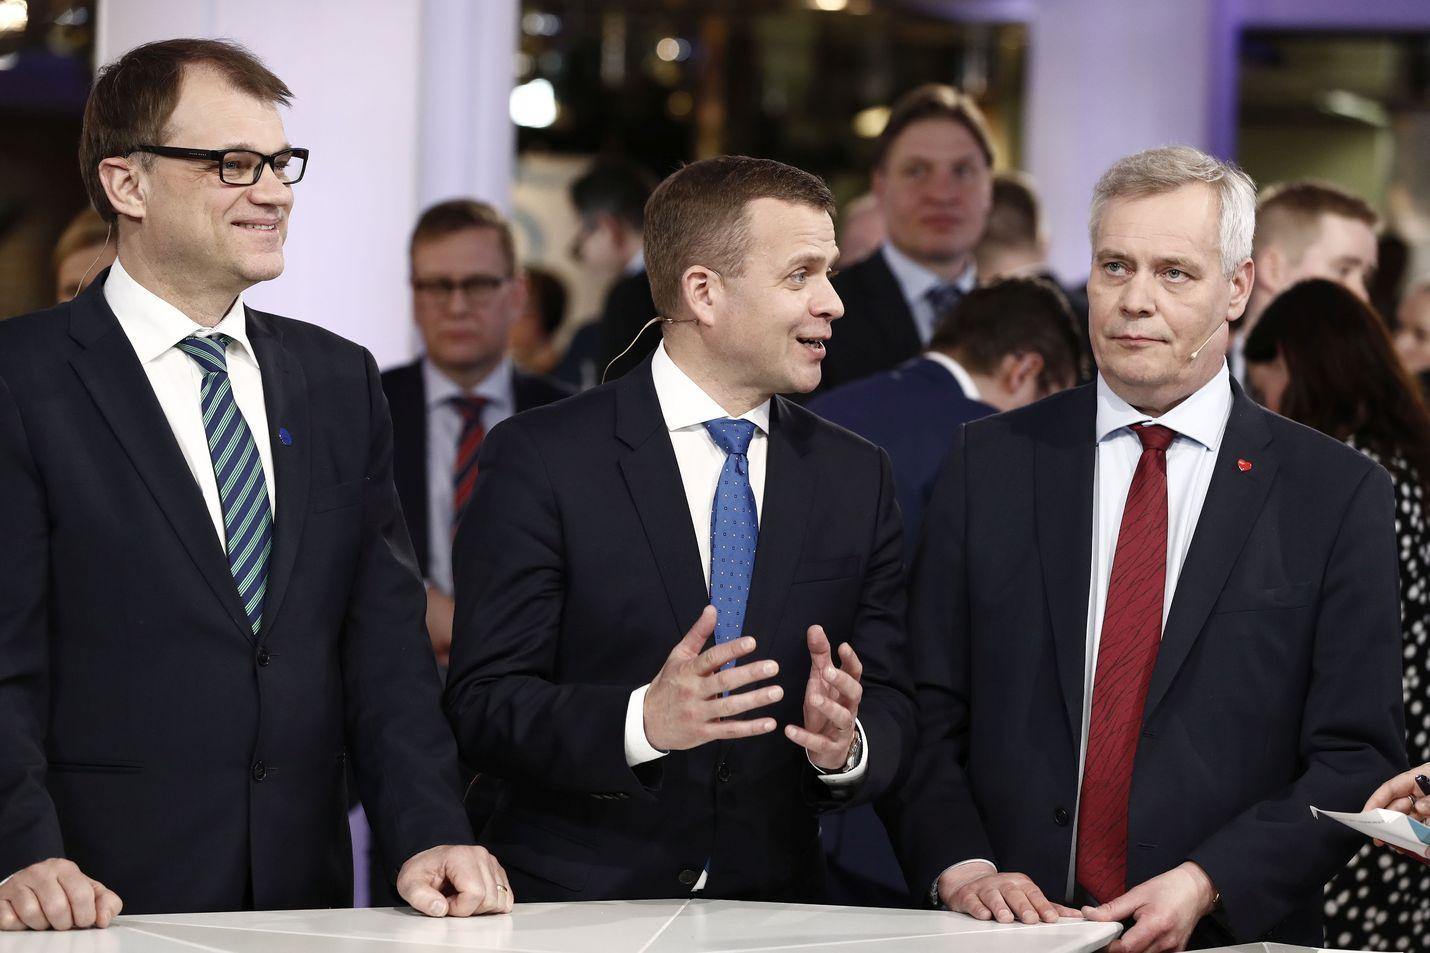 Kuka hymyilee eduskuntavaalien jälkeen ja kuka ei? Arkistokuvassa Juha Sipilä, Petteri Orpo ja Antti Rinne puivat kuntavaalien vaalitulosta vaalivalvojaisissa.